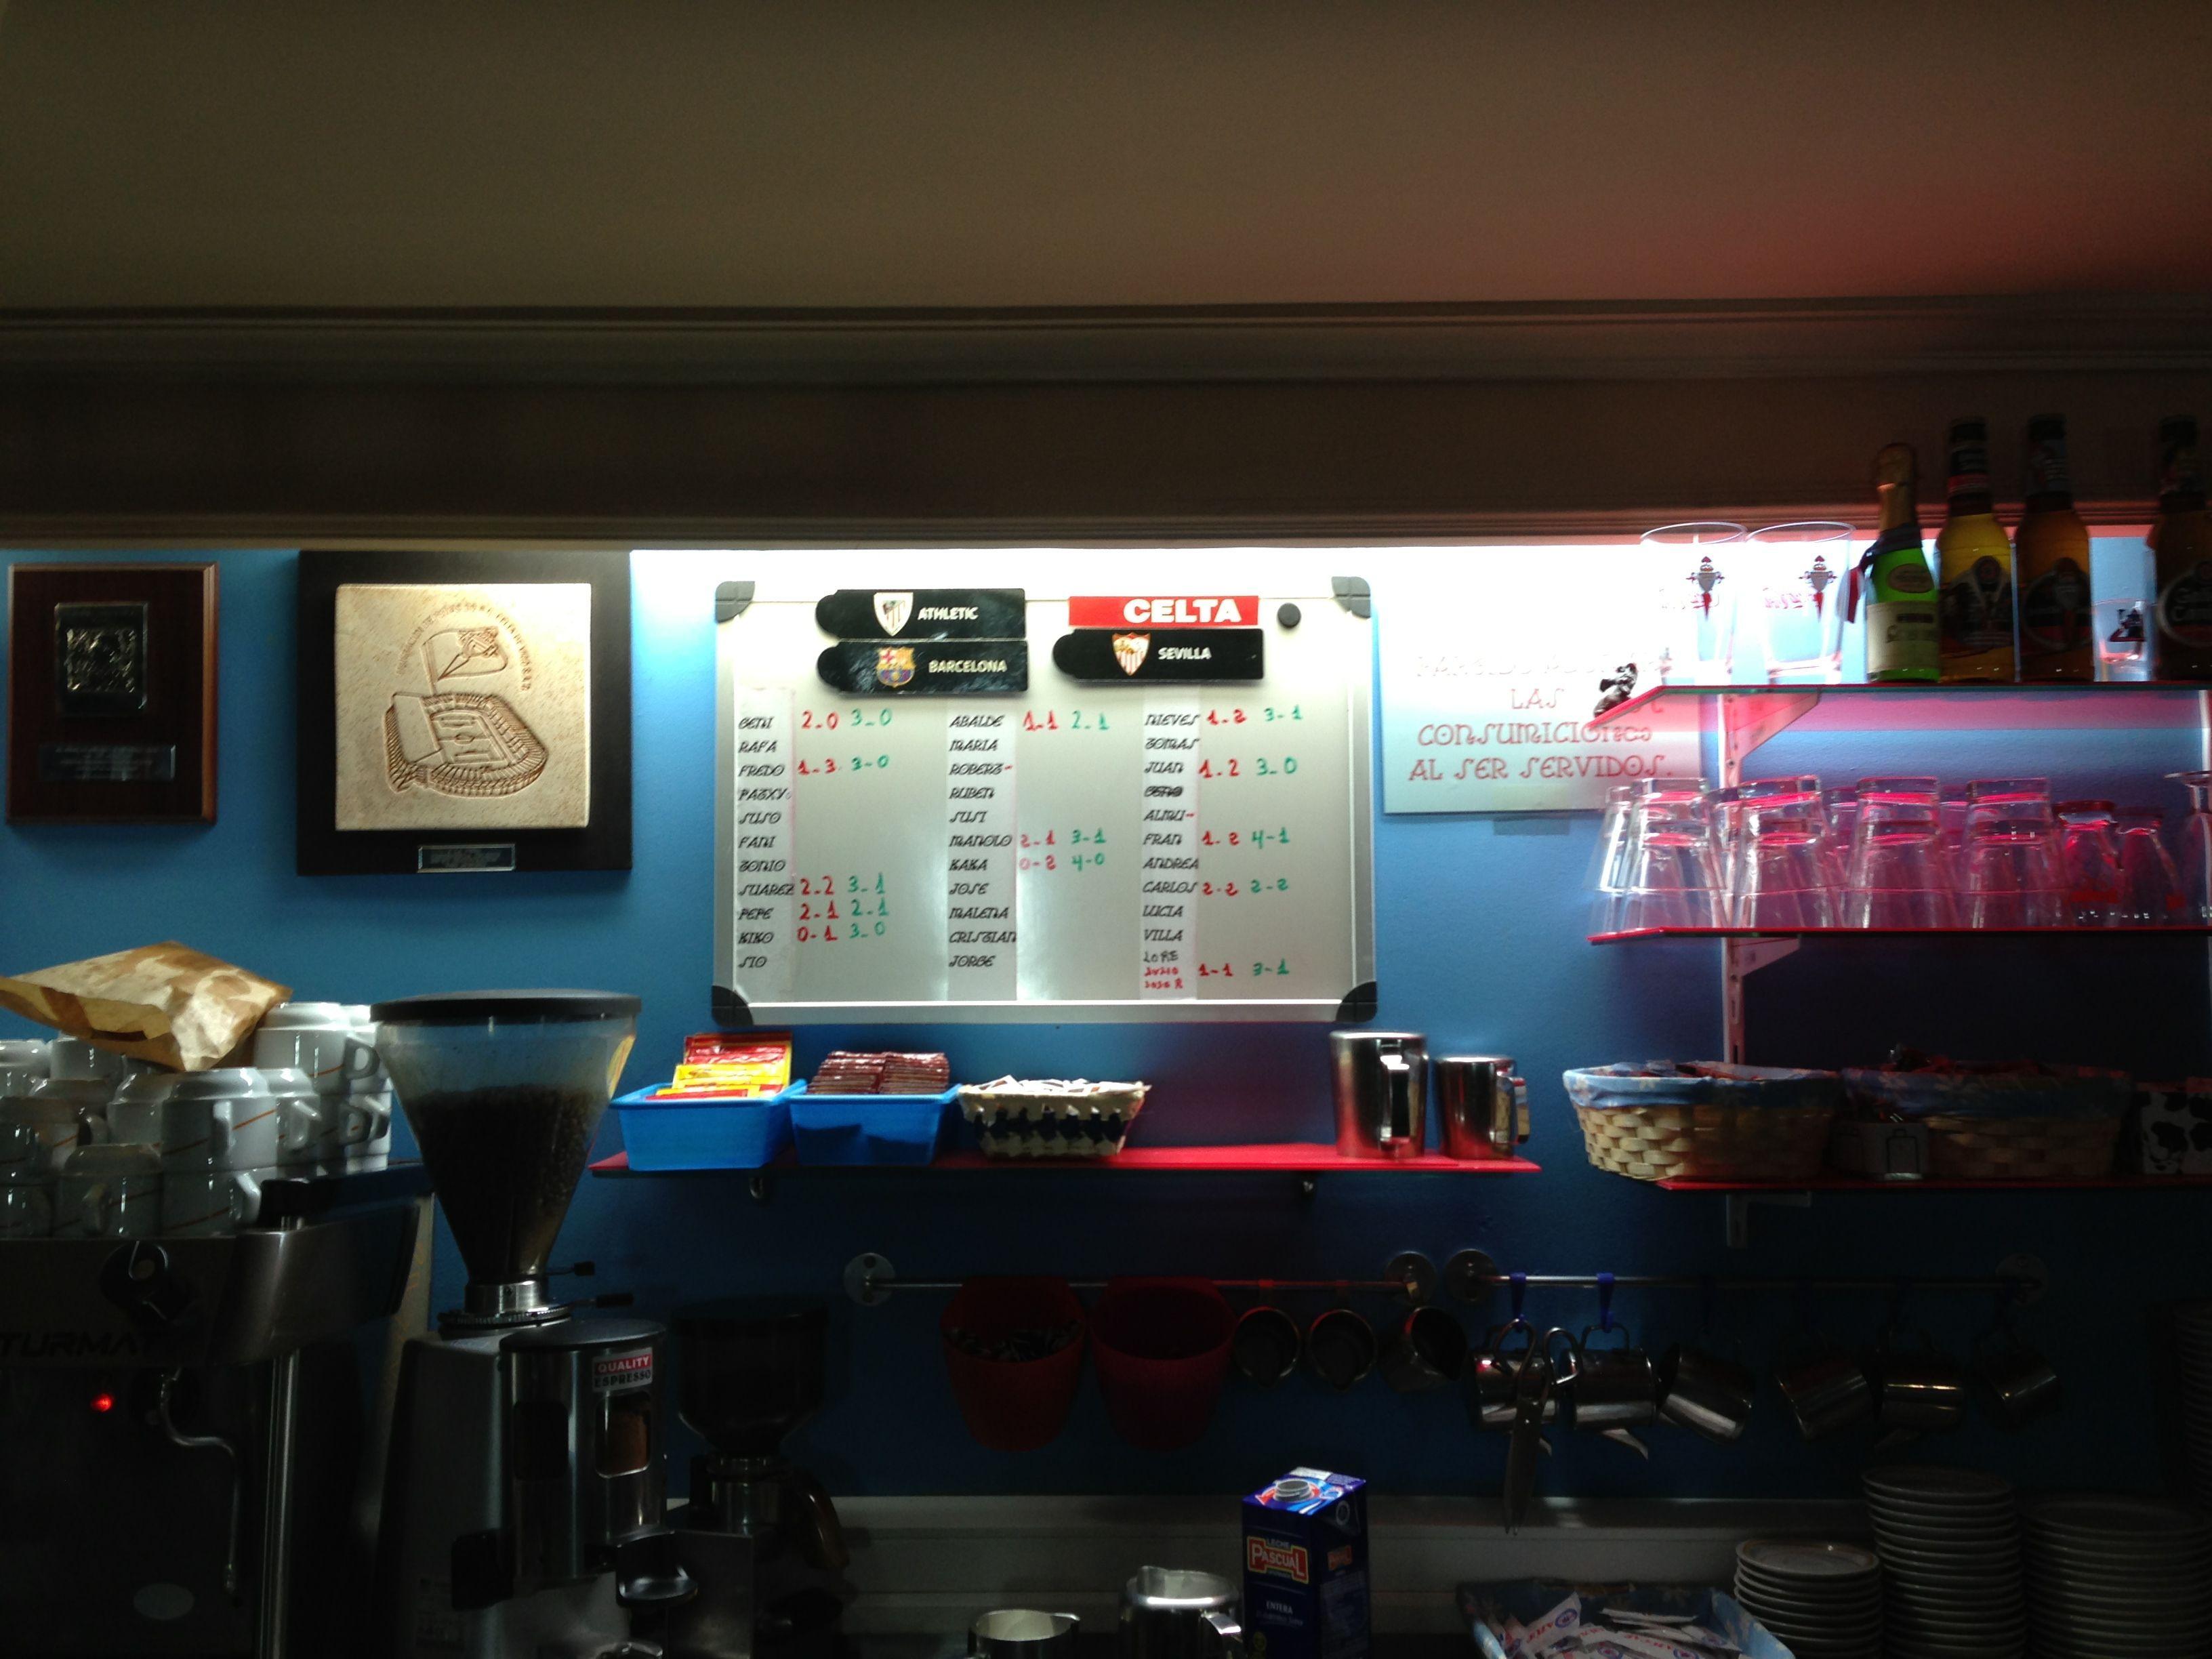 Imagen de la tipica Porra de fútbol en una cafeteria